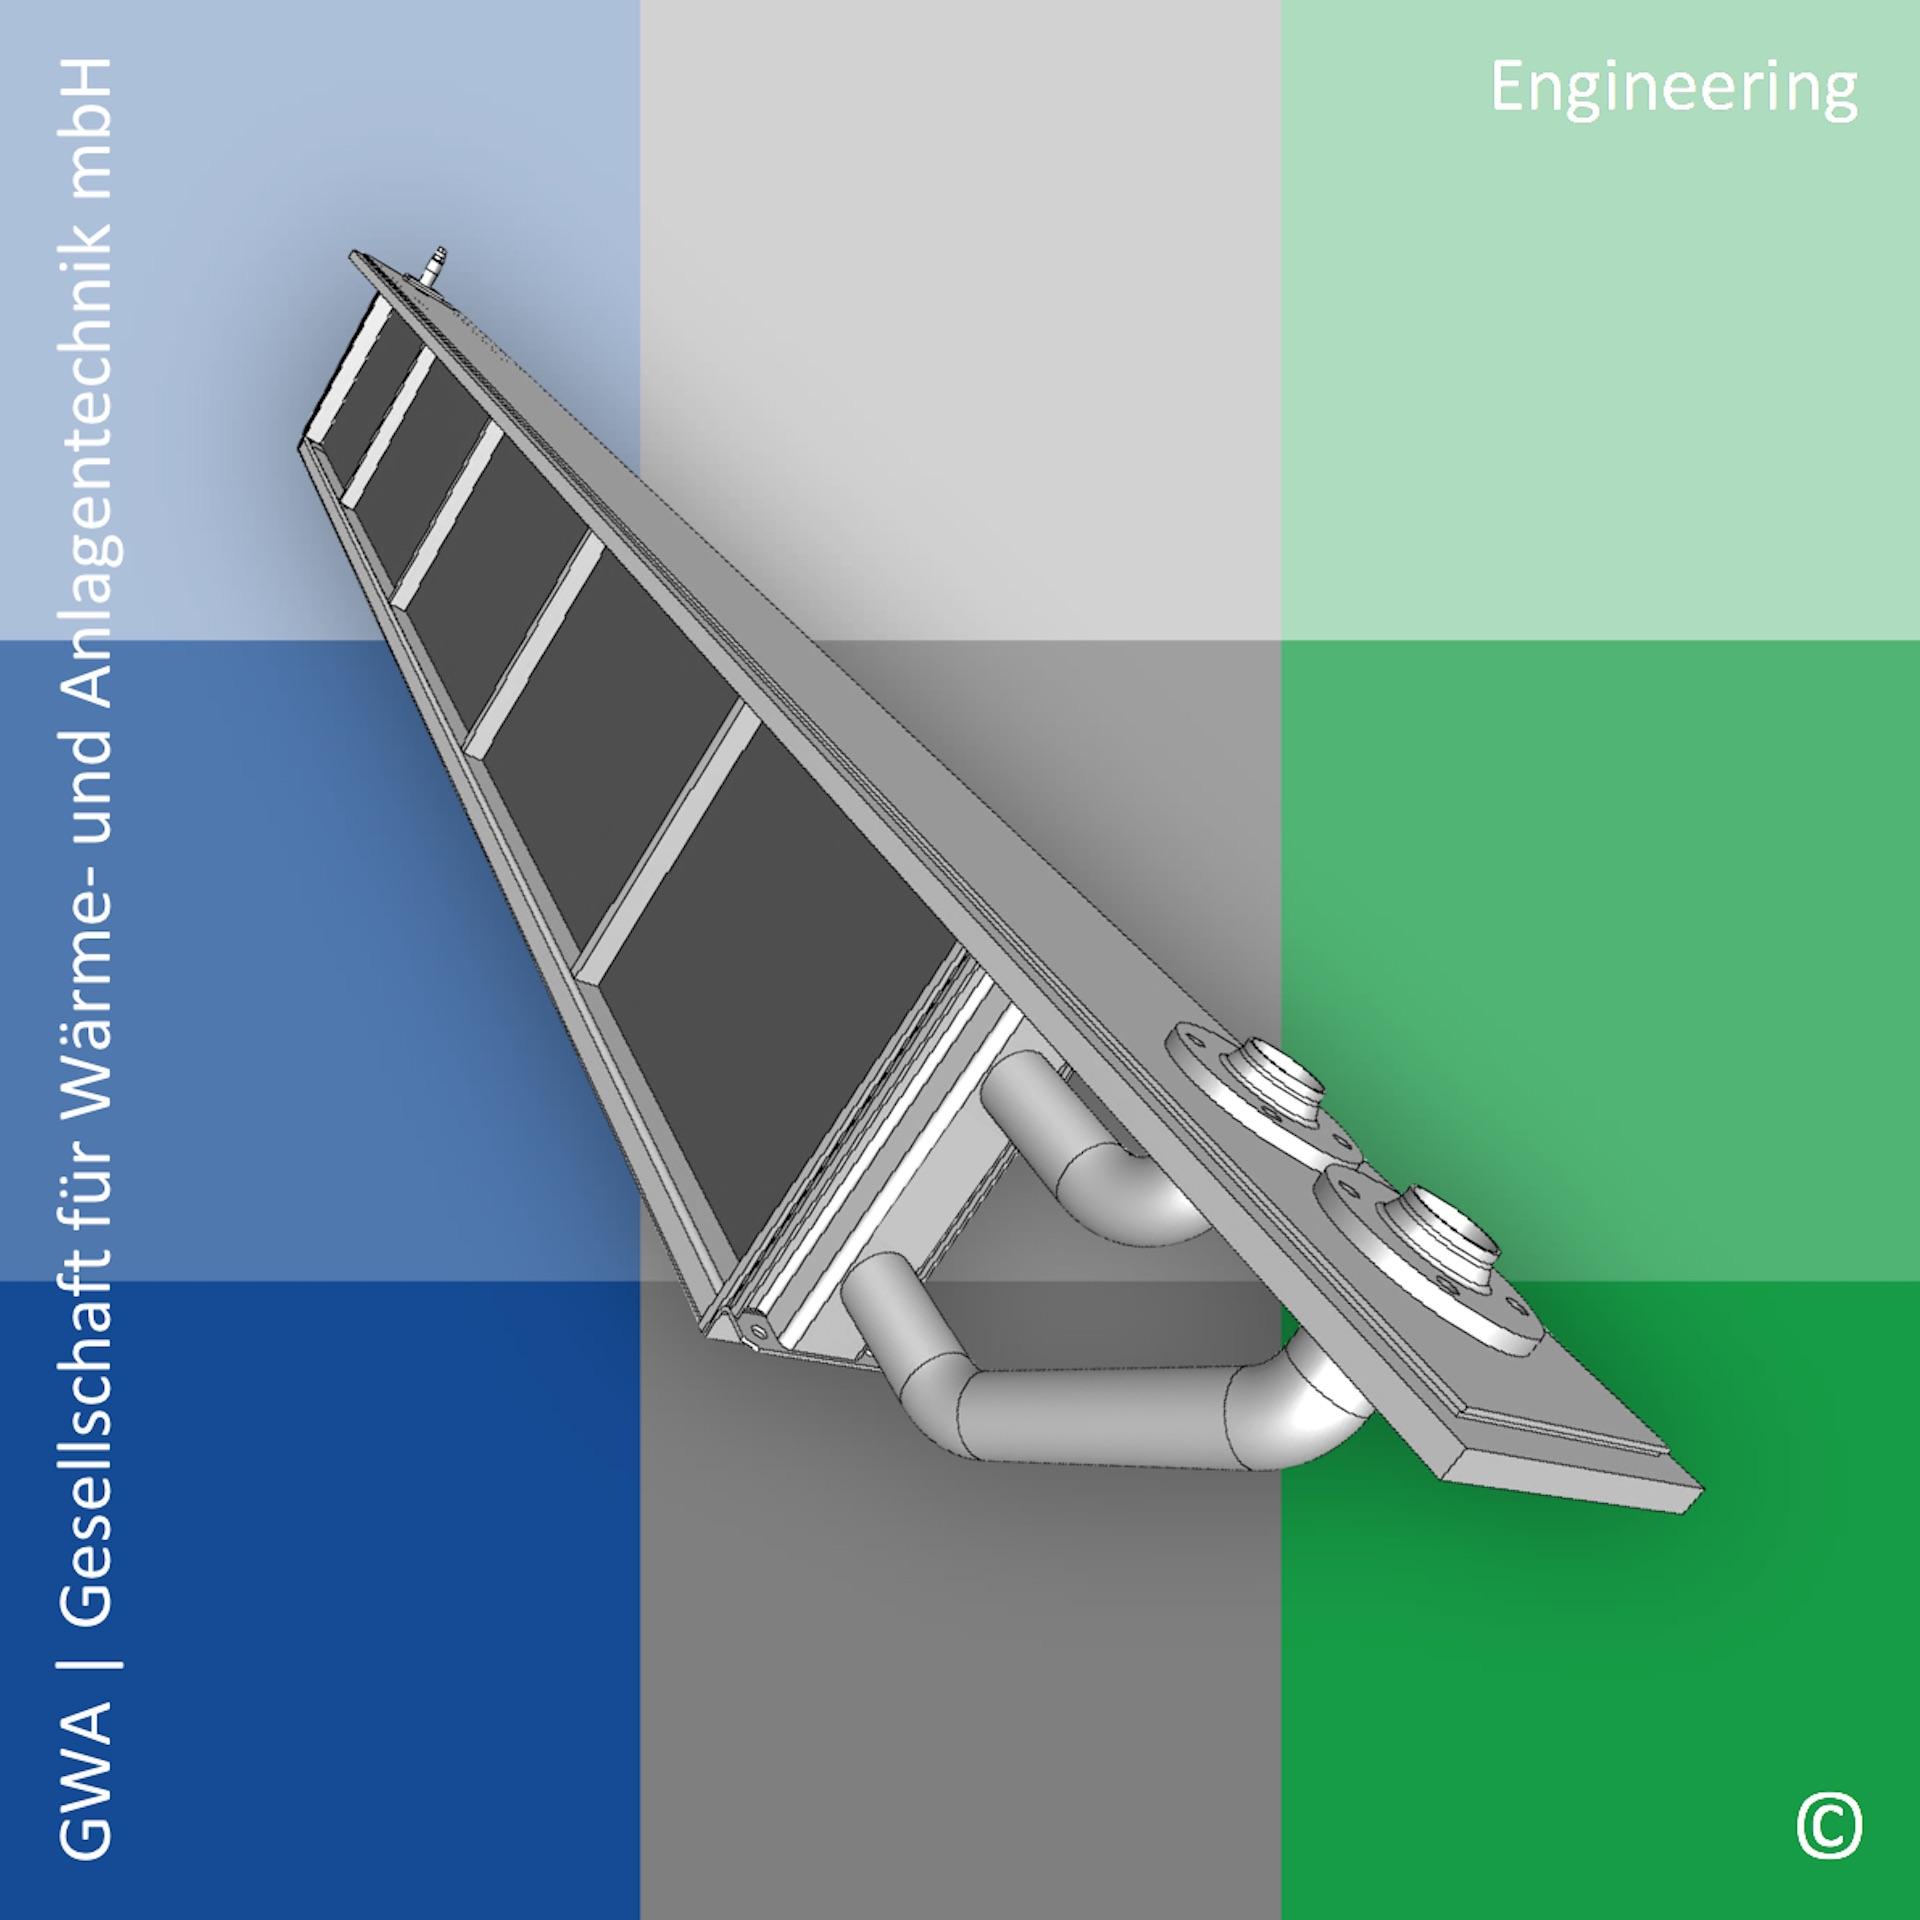 GWA_Engineering_Waermeaustauscher_Kuehler_fuer_elektrische_Maschinen_Kreislaufkuehler_fuer_Ringmotoren_Gesellschaft_fuer_Waerme_und_Anlagentechnik